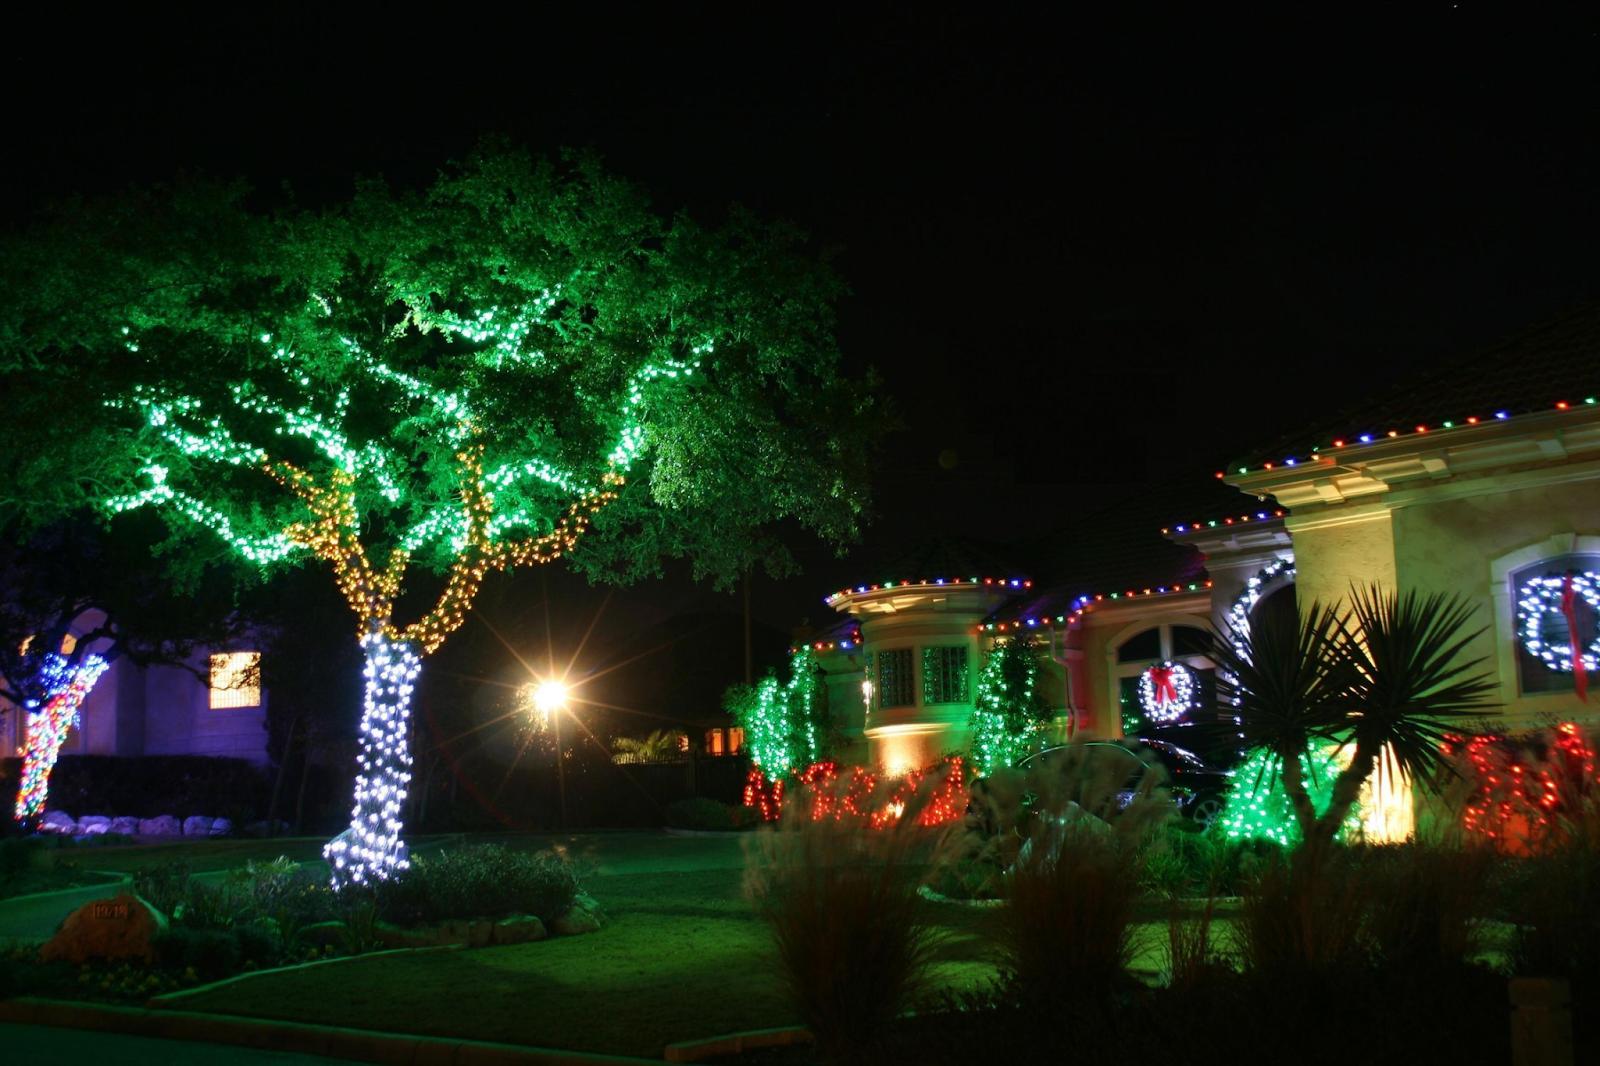 Đèn LED dây trang trí sân vườn nổi bật